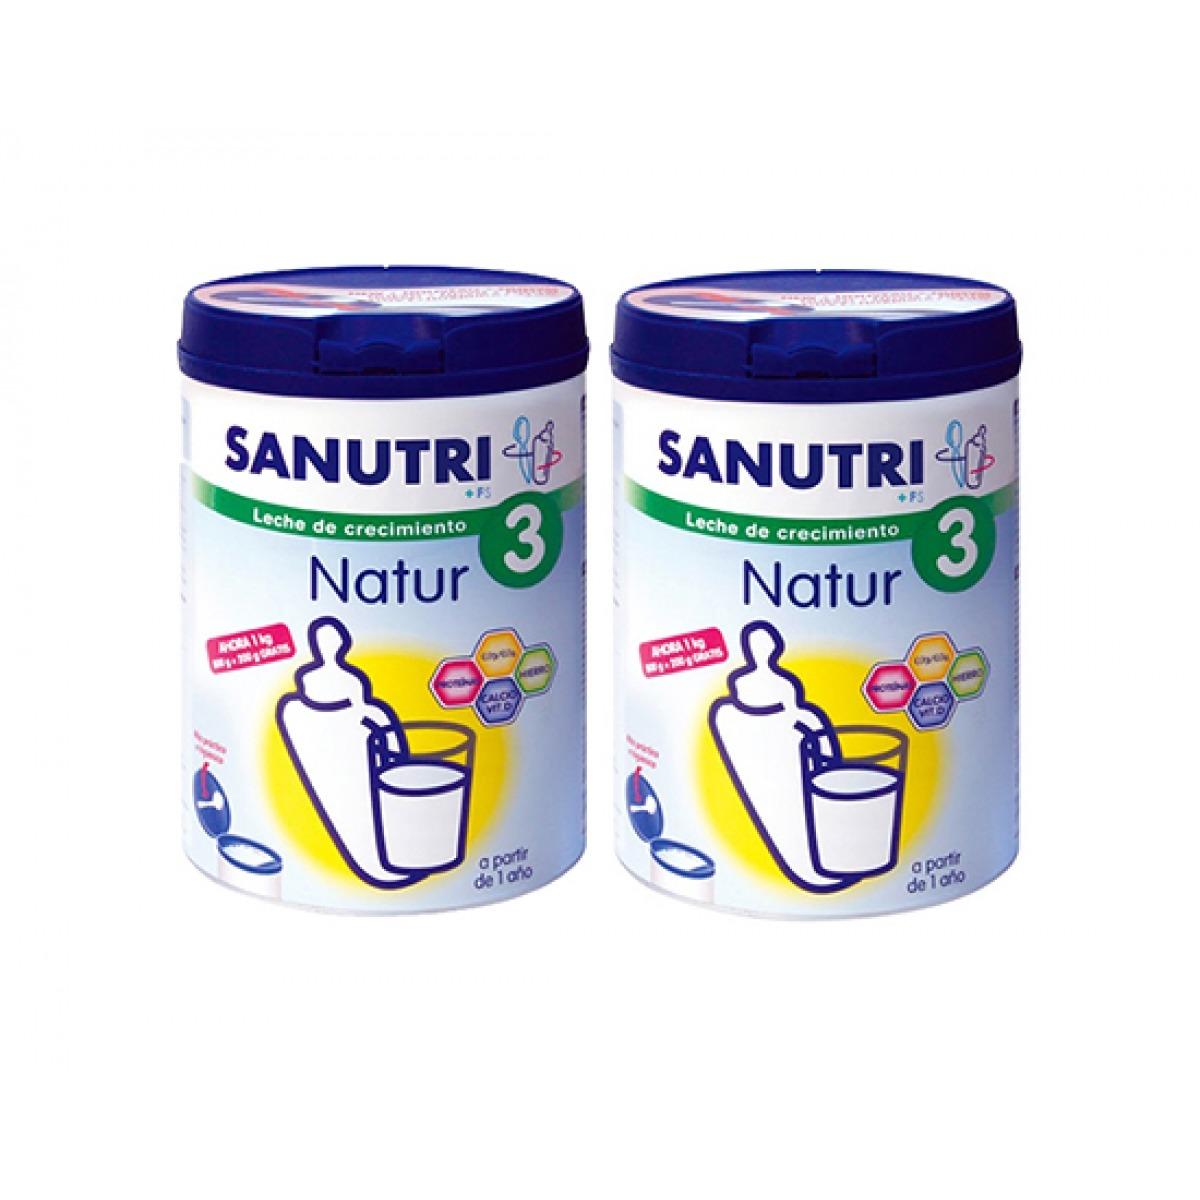 SANUTRI NATUR 3 CRECIMIENTO 800 G. PACK AHORRO. OFERTA WEB